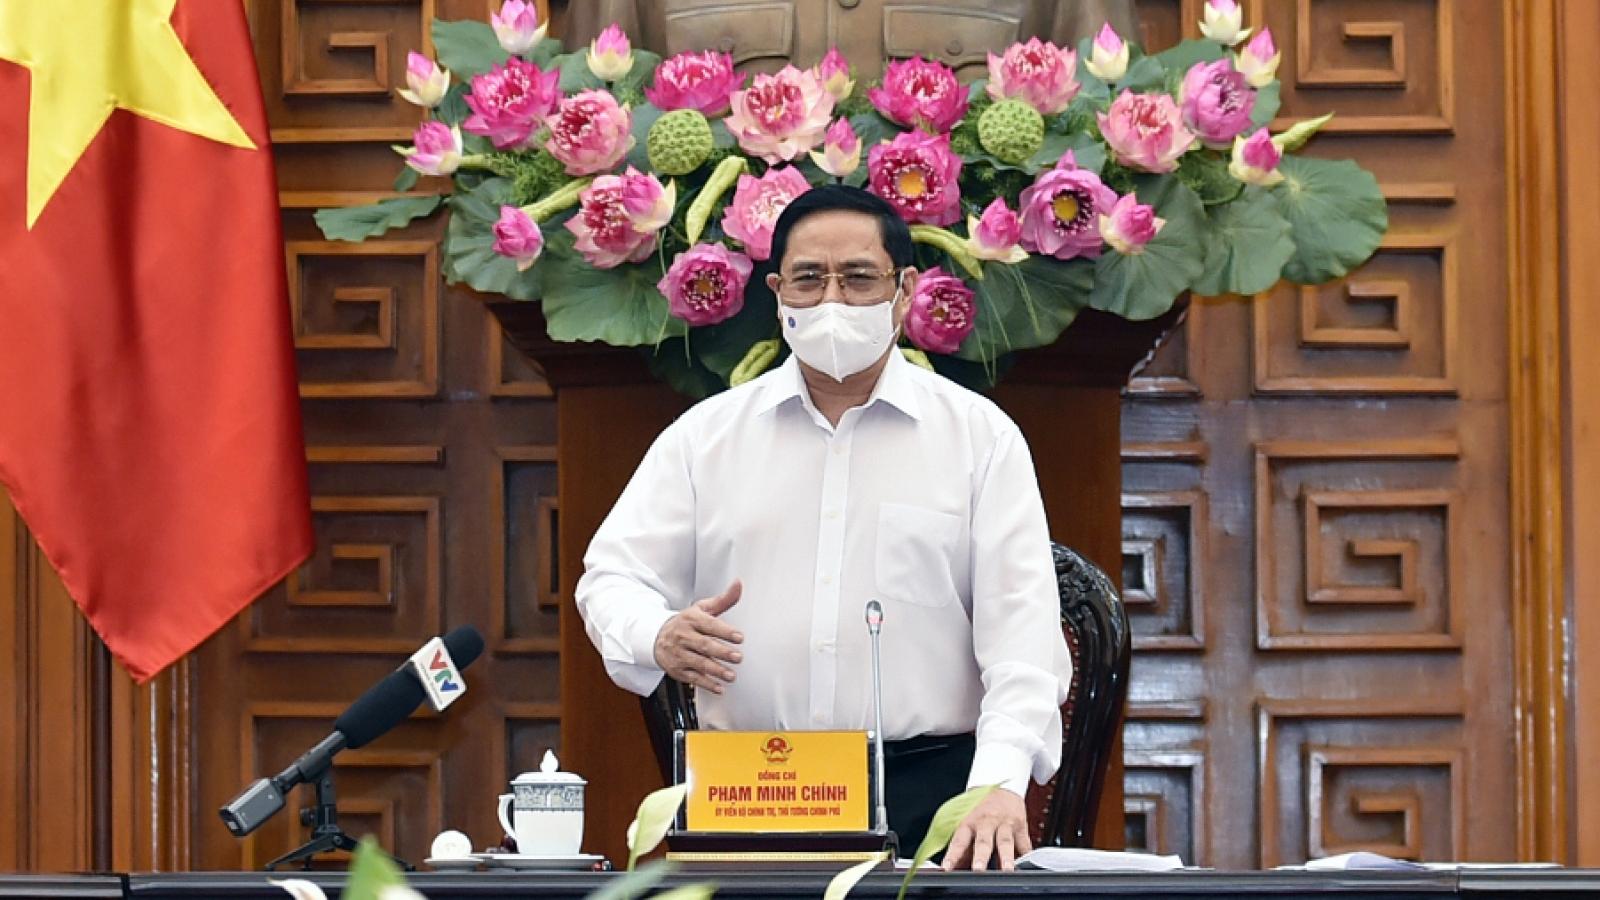 Thủ tướng chỉ đạo bảo đảm an toàn COVID-19 tại khu công nghiệp